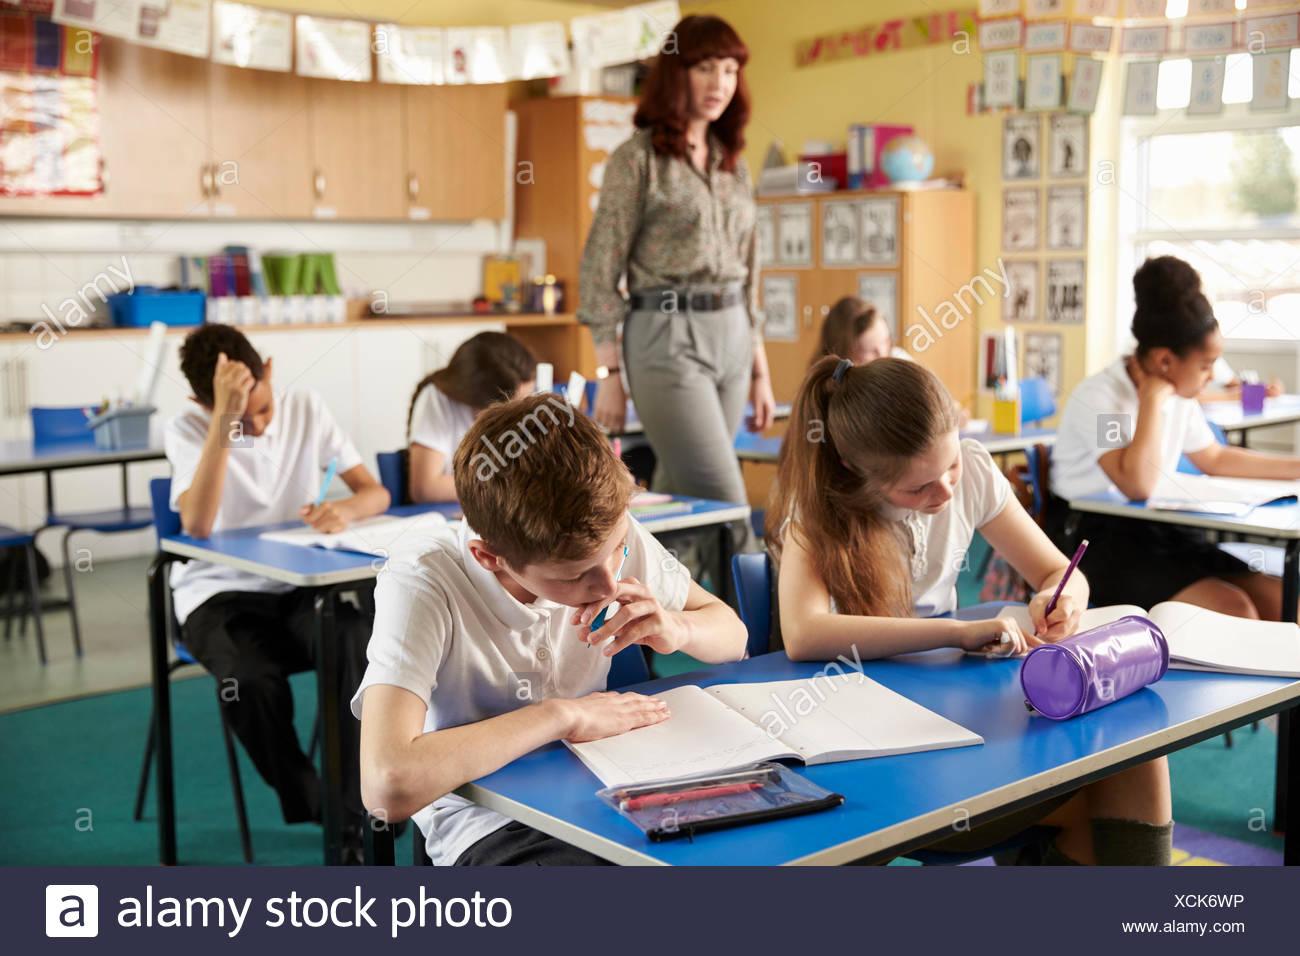 La marche de l'enseignant dans sa classe de l'école primaire d'occupation Photo Stock